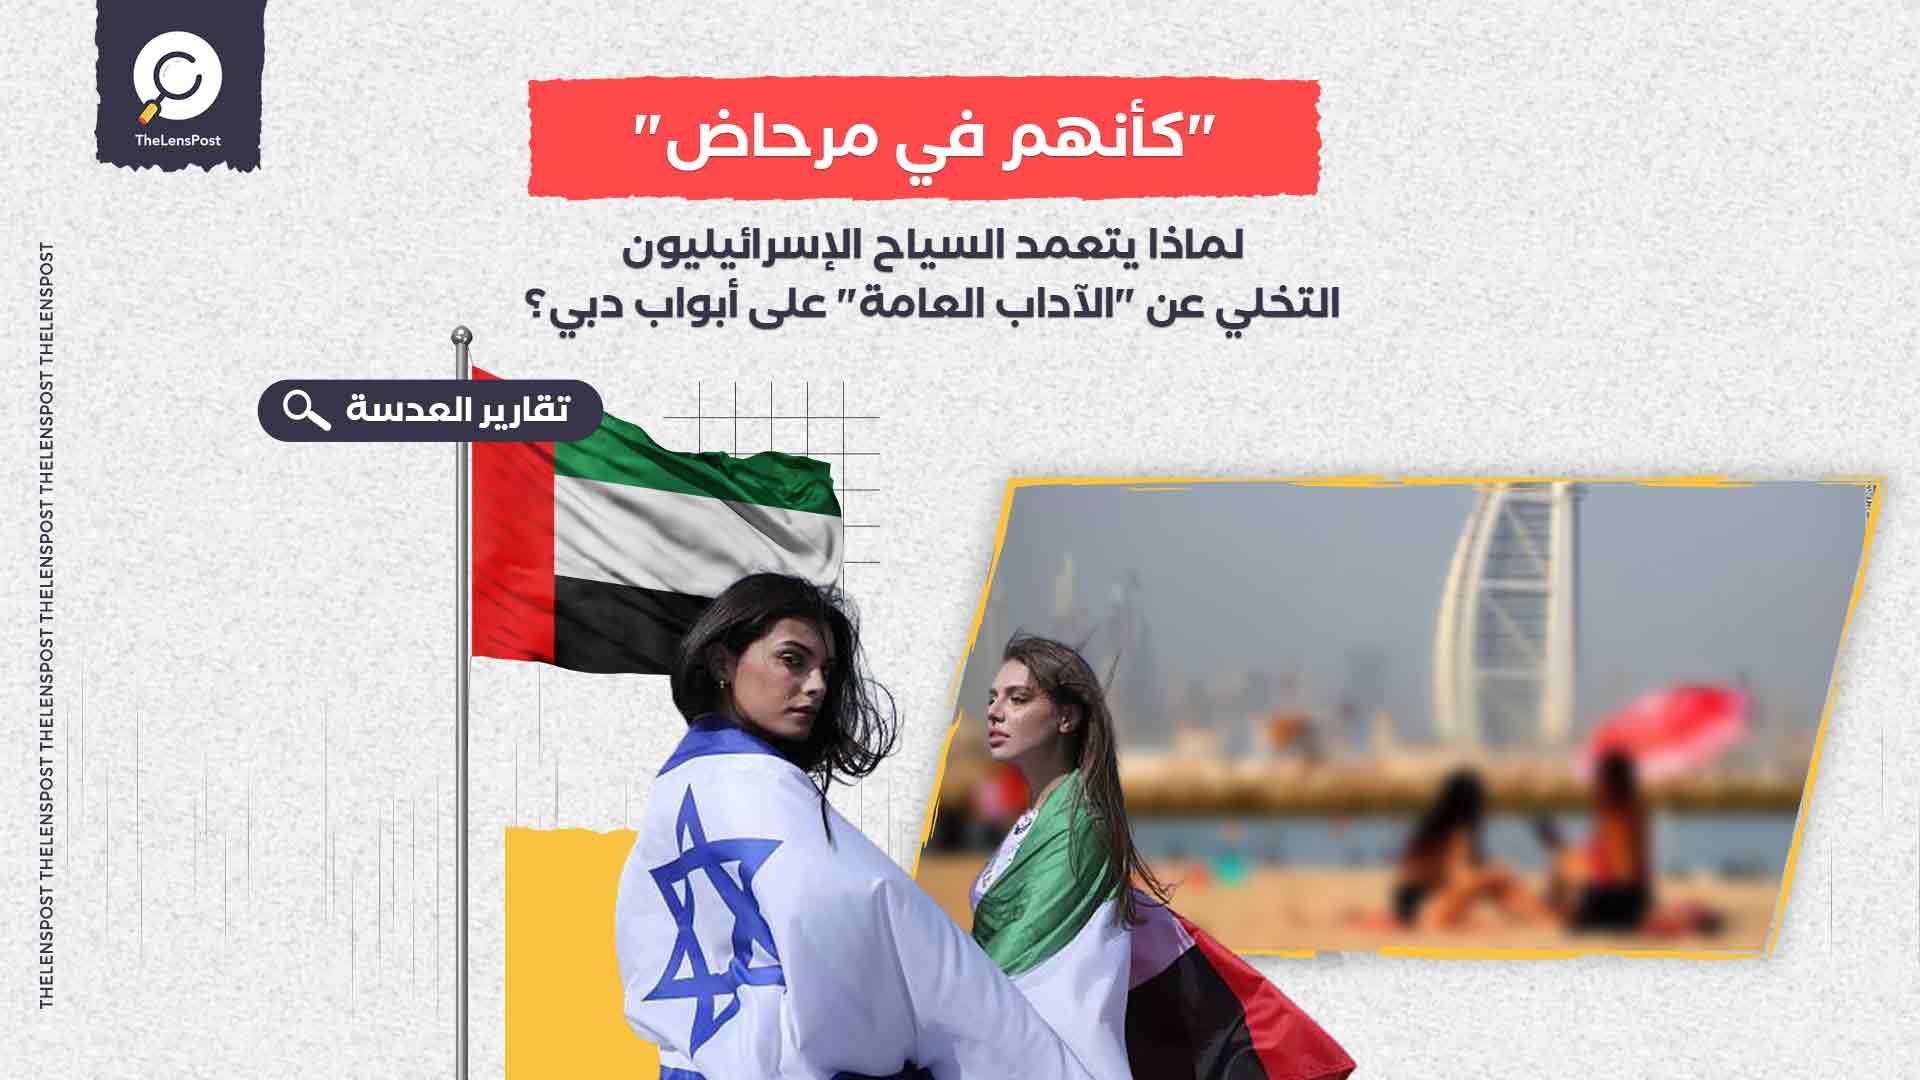 """""""كأنهم في مرحاض"""".. لماذا يتعمد السياح الإسرائيليون التخلي عن """"الآداب العامة"""" على أبواب دبي؟"""